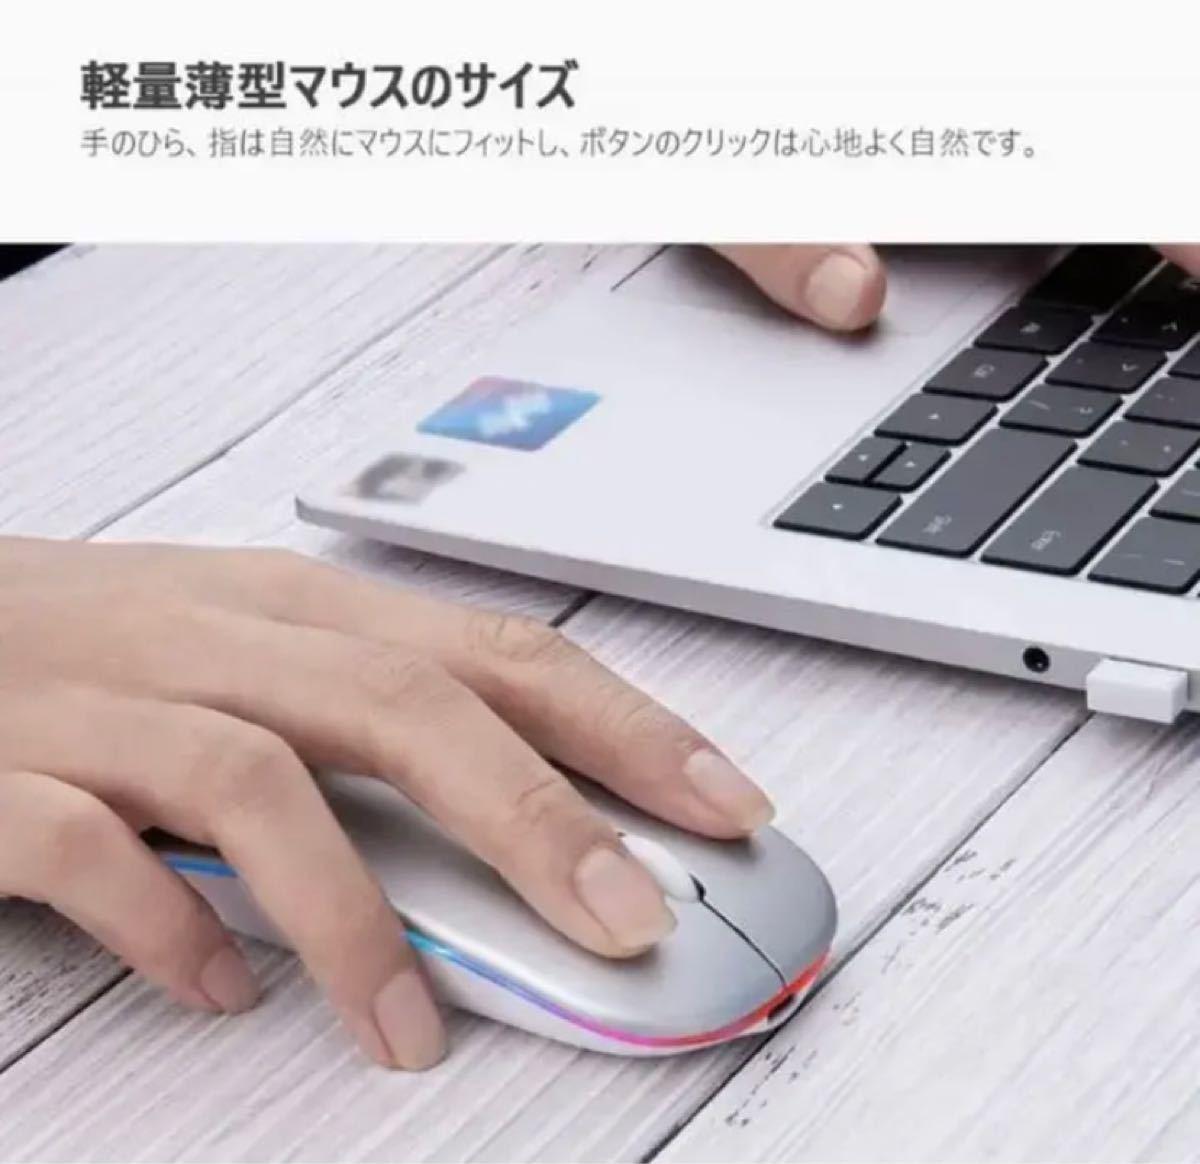 ワイヤレスマウス 充電式 長時間連続使用 無線マウス 静音 超薄型